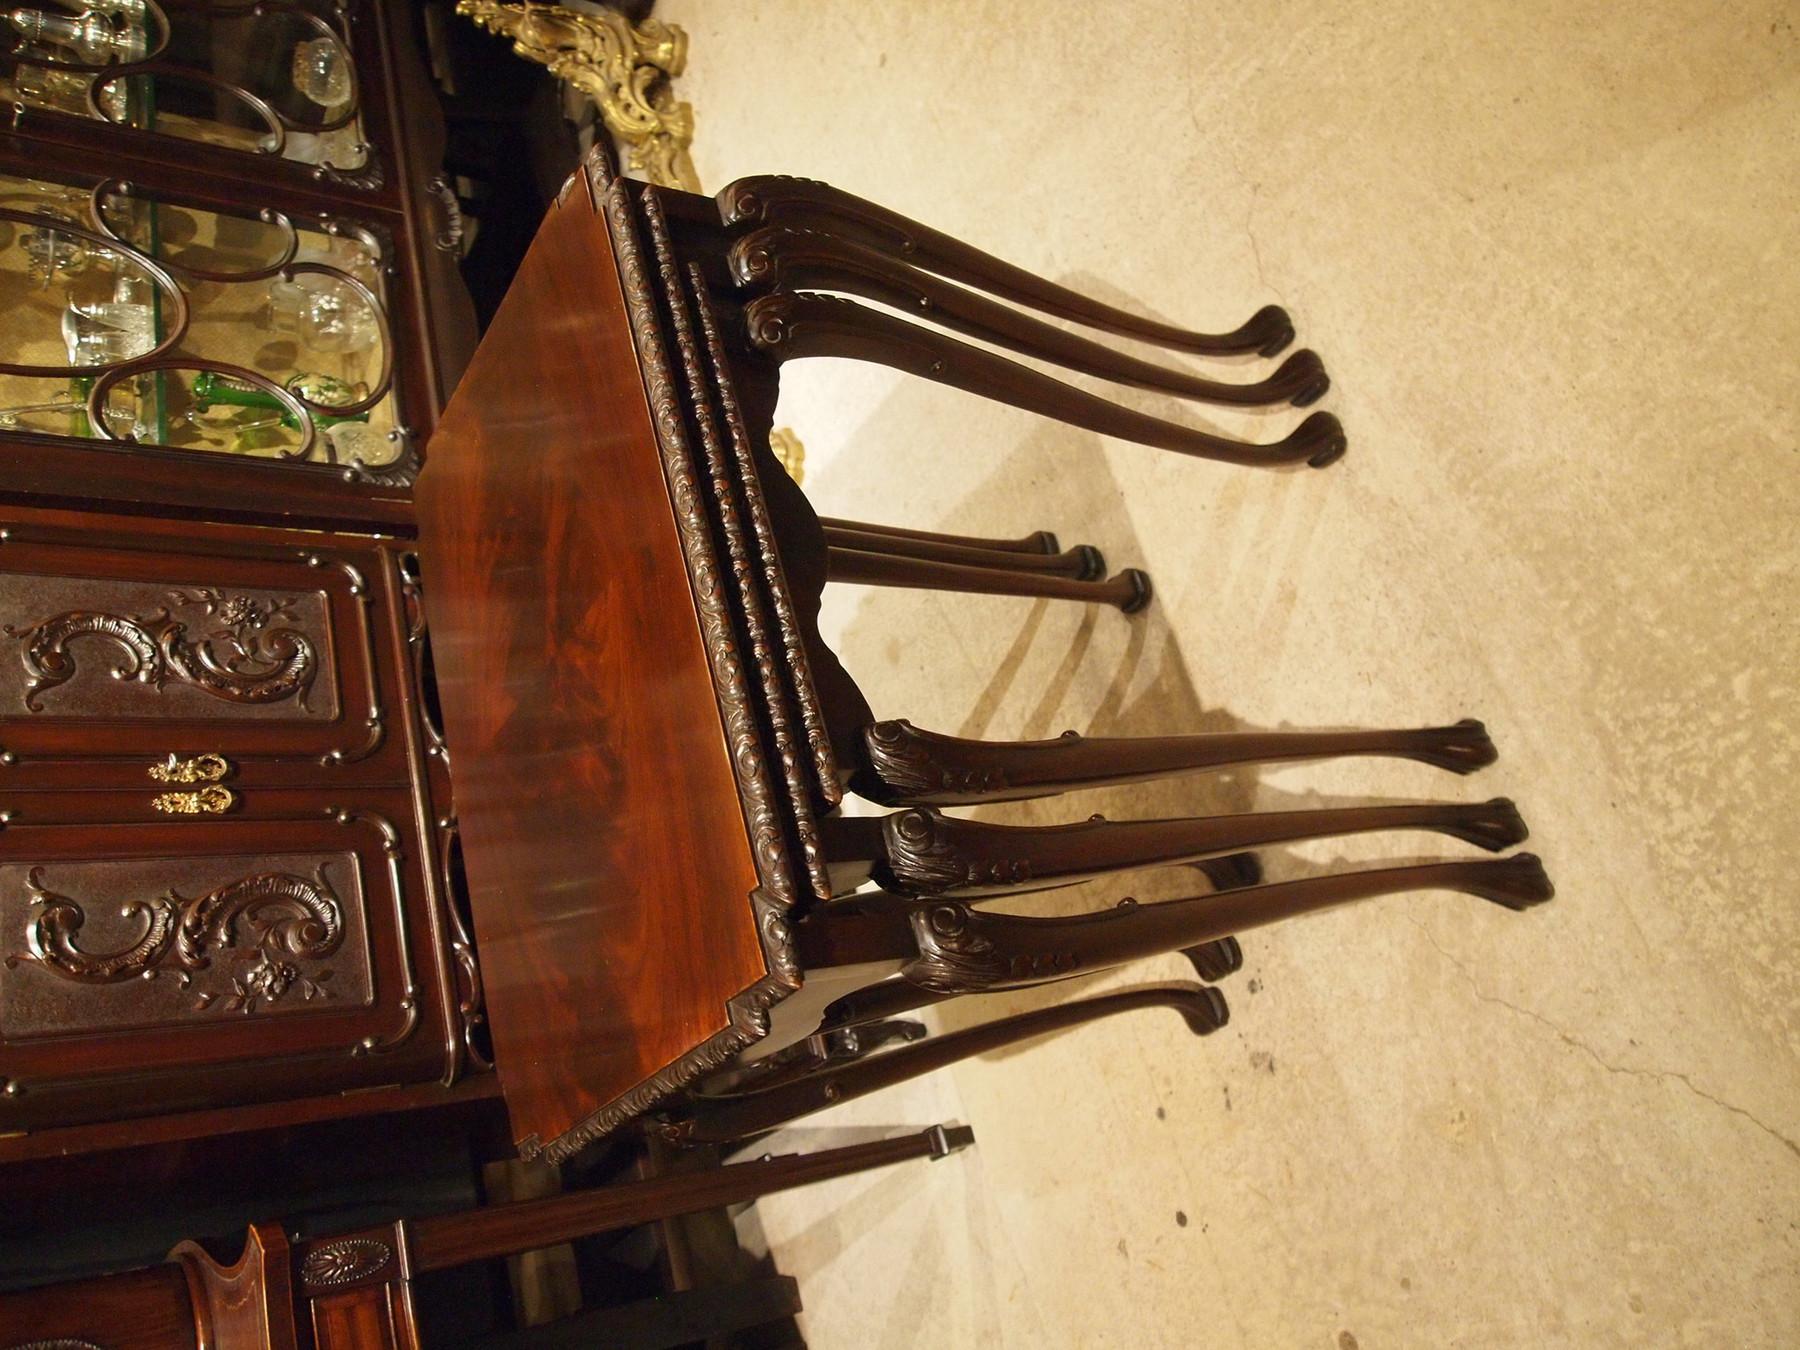 table201017a_03.JPG